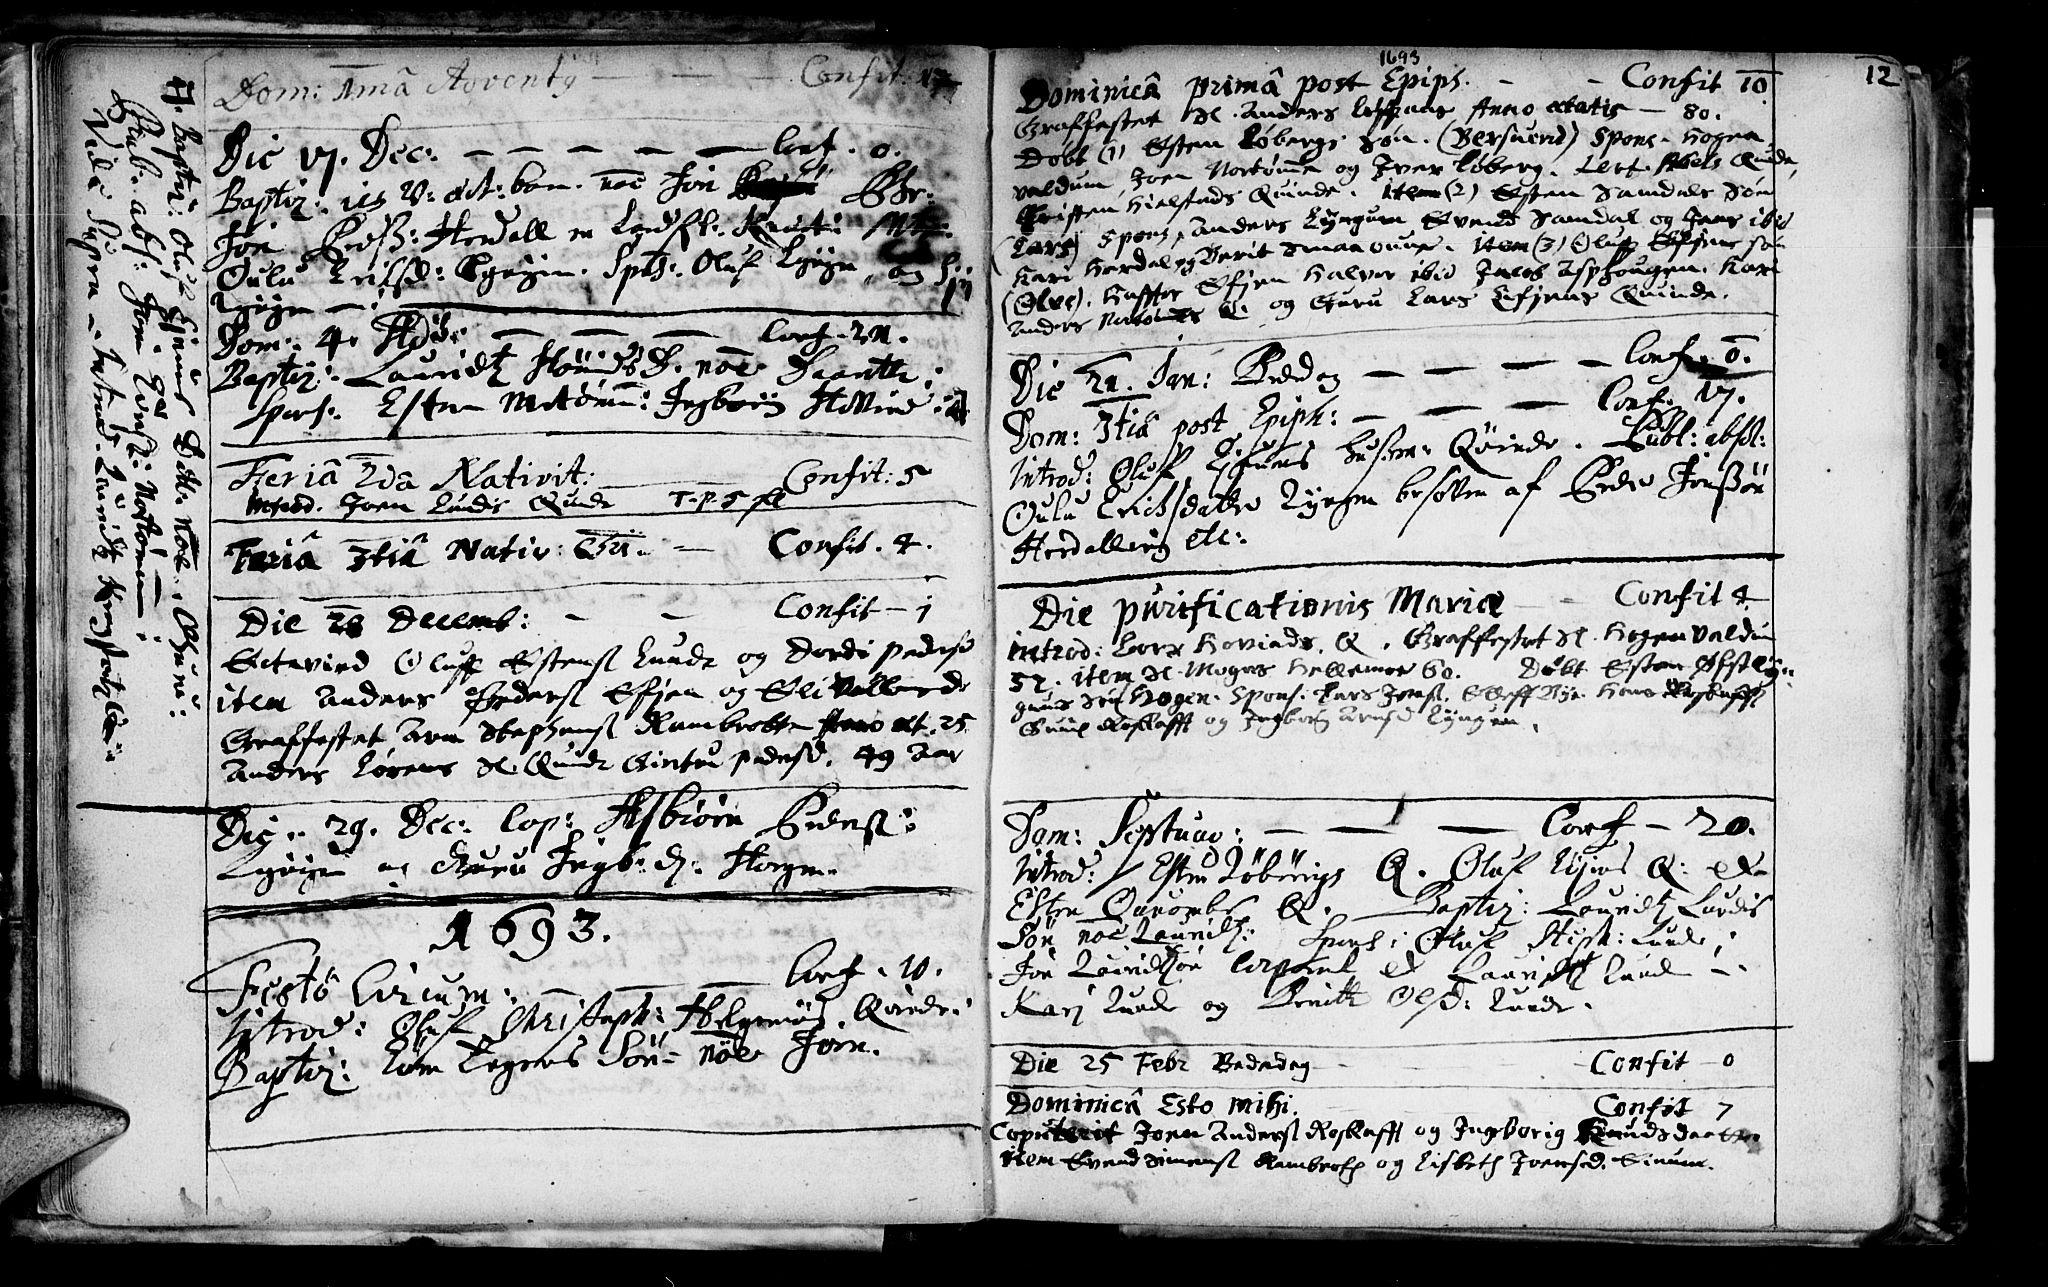 SAT, Ministerialprotokoller, klokkerbøker og fødselsregistre - Sør-Trøndelag, 692/L1101: Ministerialbok nr. 692A01, 1690-1746, s. 12